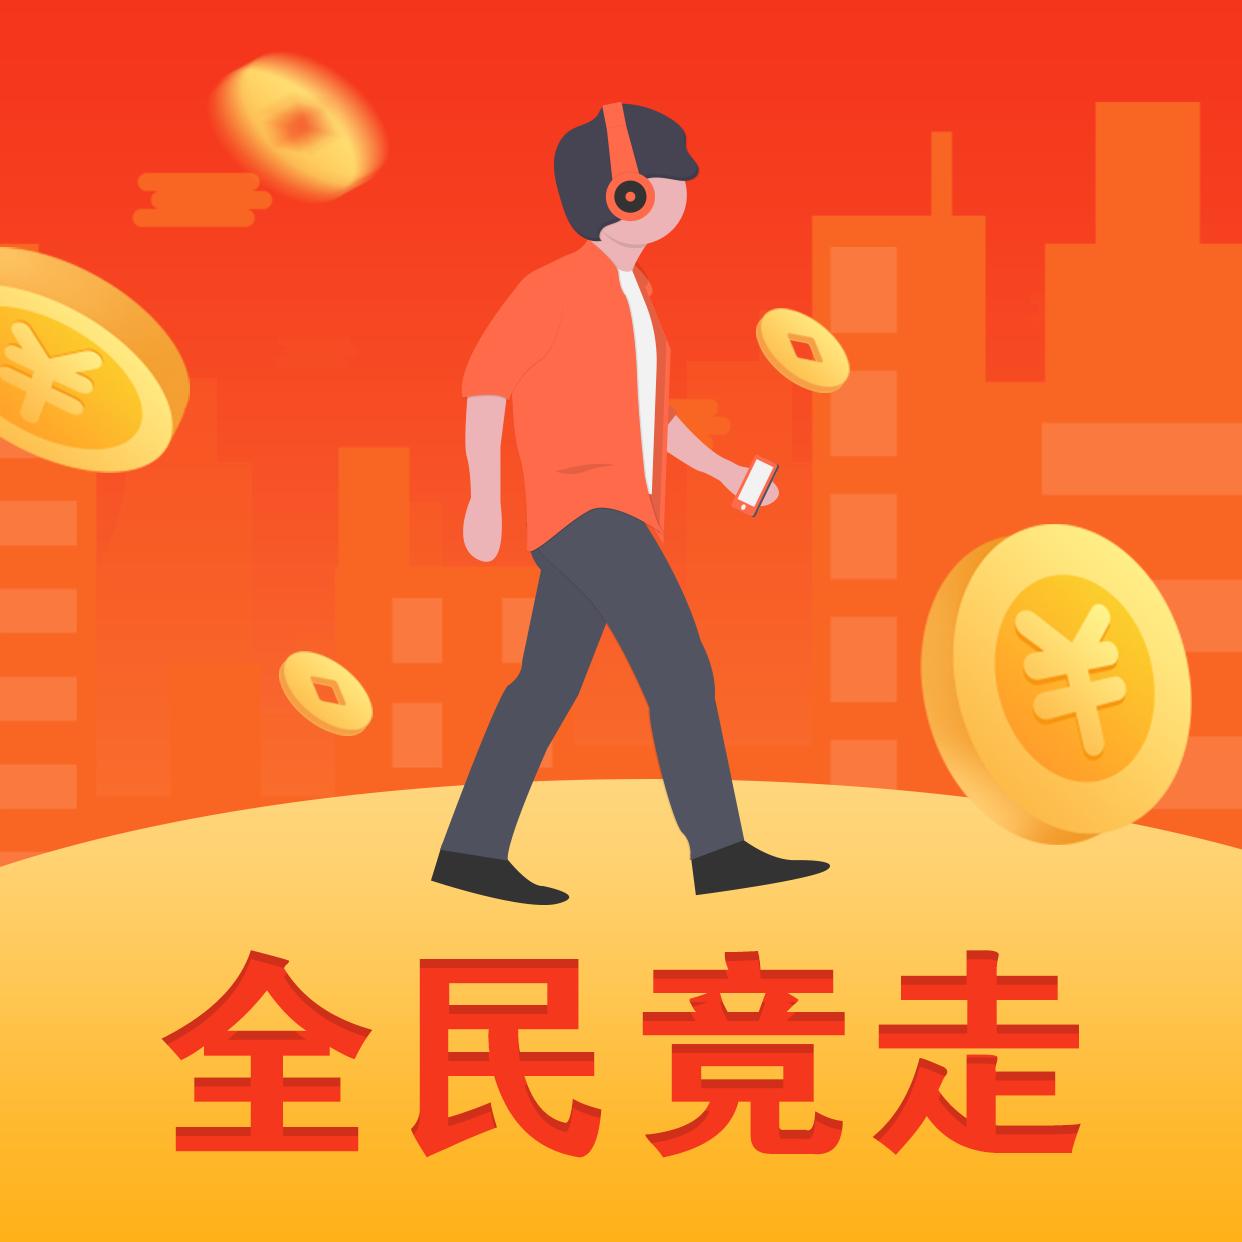 全民竞走appv1.0.0 手机版